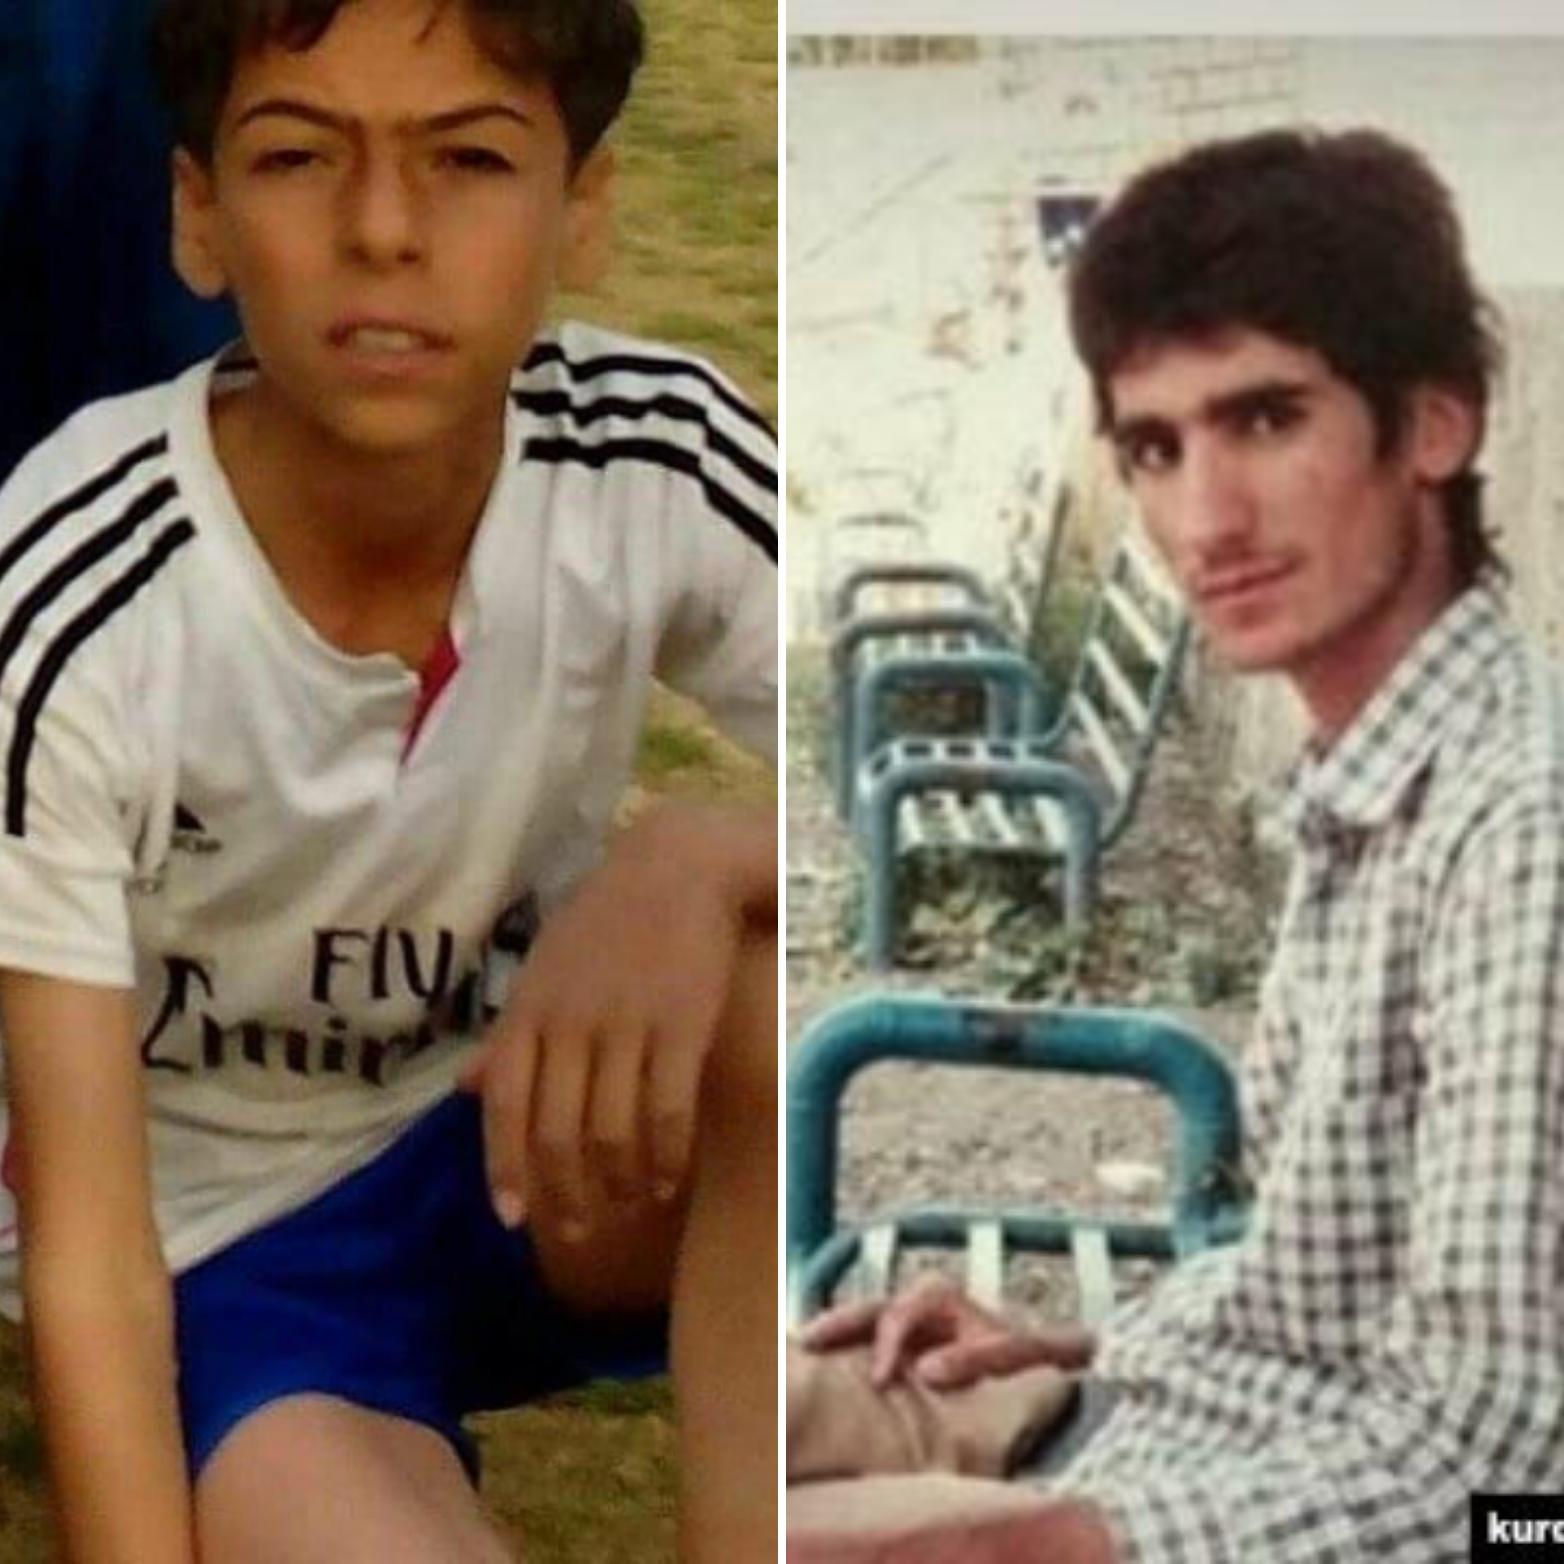 """سفر بیبازگشت ۲ برادر کولبر از""""ژالانه"""" کردستان/ پدر کولبرها: بی پولی این بلا را سرما آورد"""